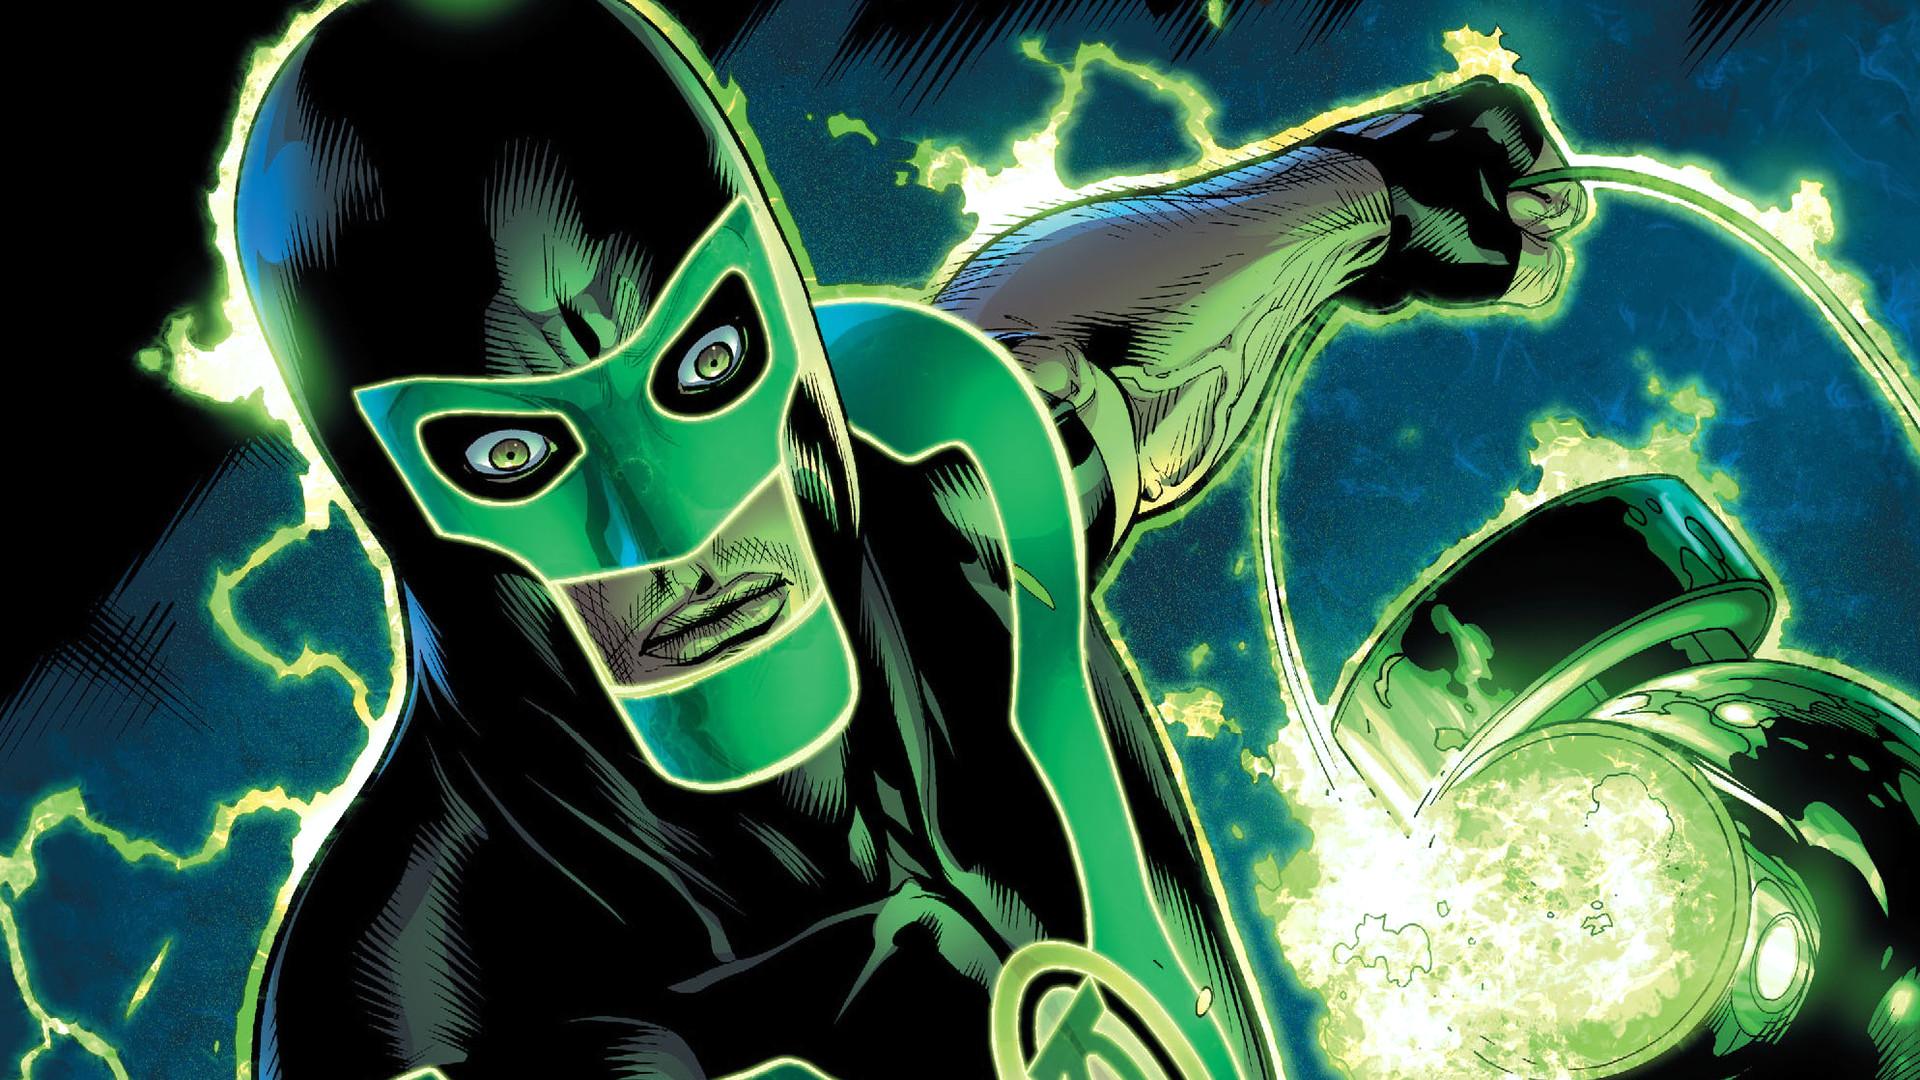 Green Lantern Comic Page · Green Lantern Wallpaper